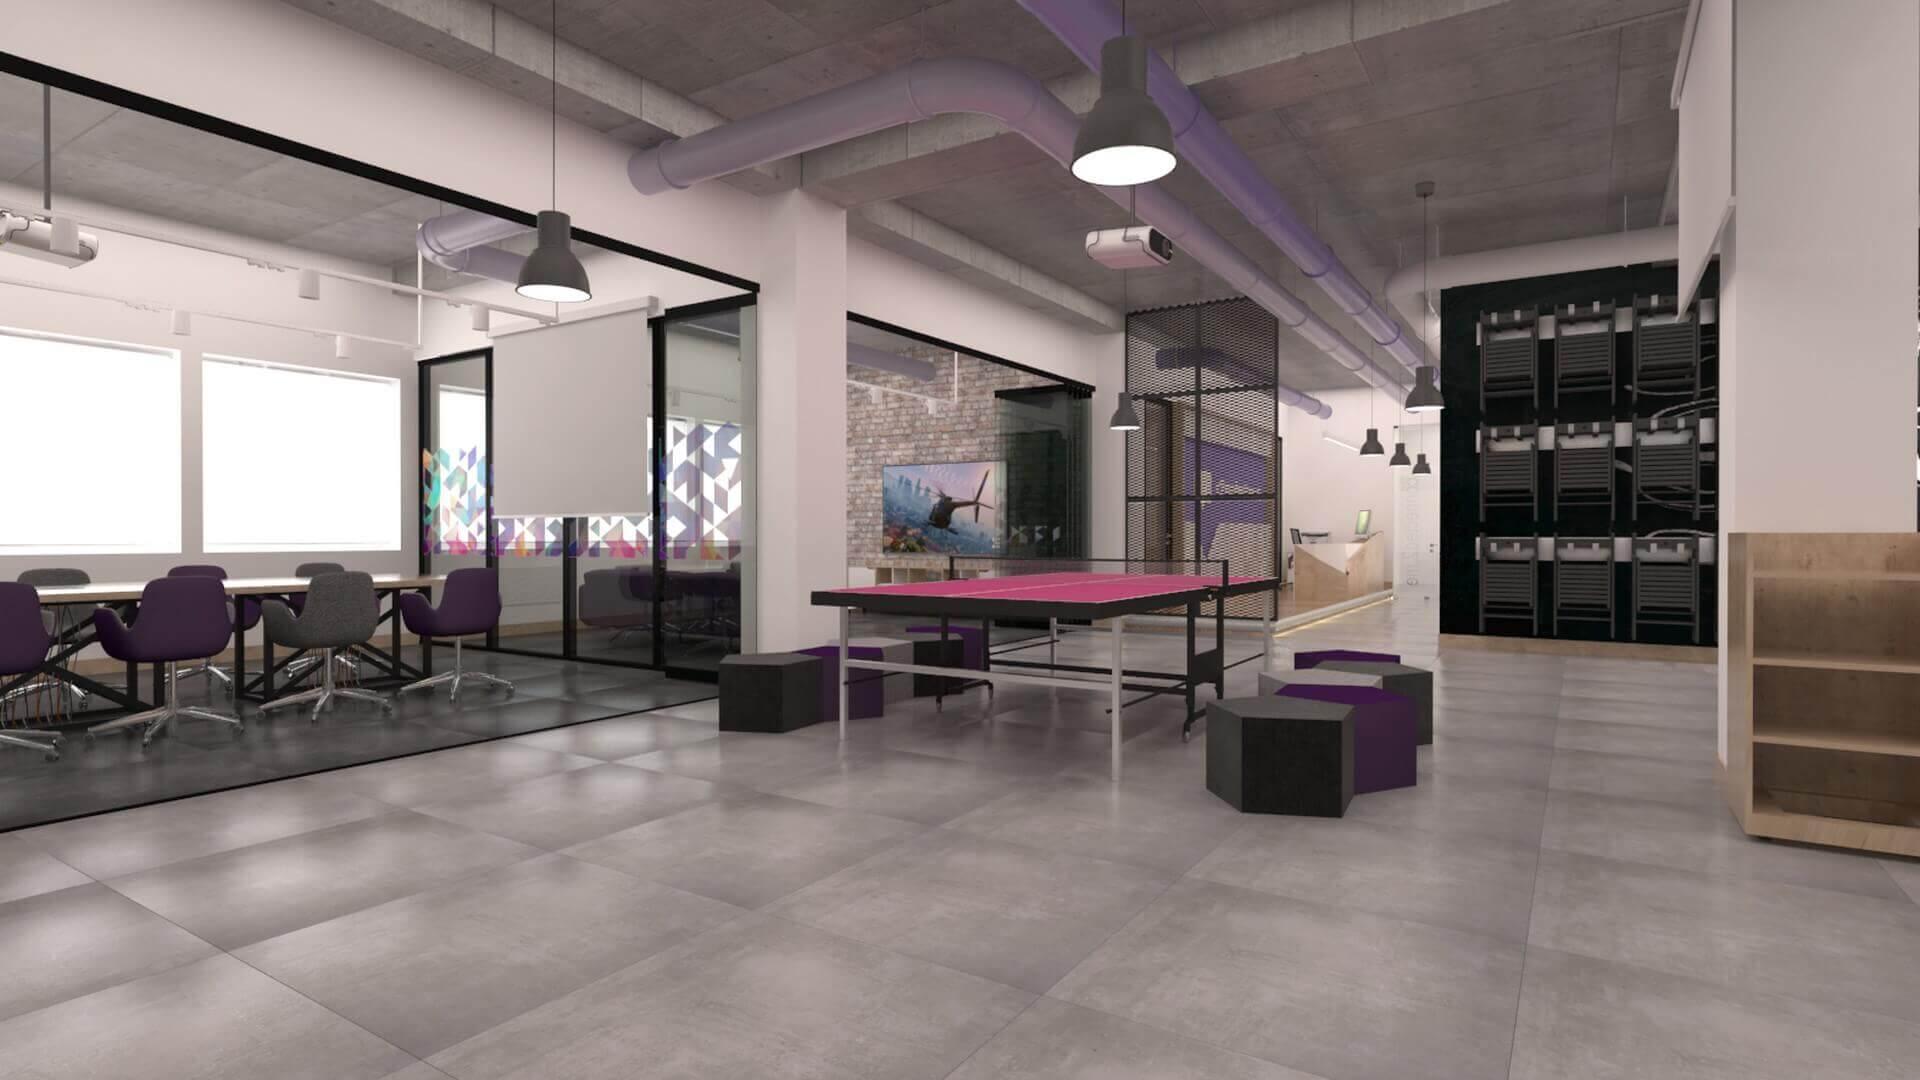 ofis dekorasyonu 2350 Connected2.me C2M Bilişim Ofisler